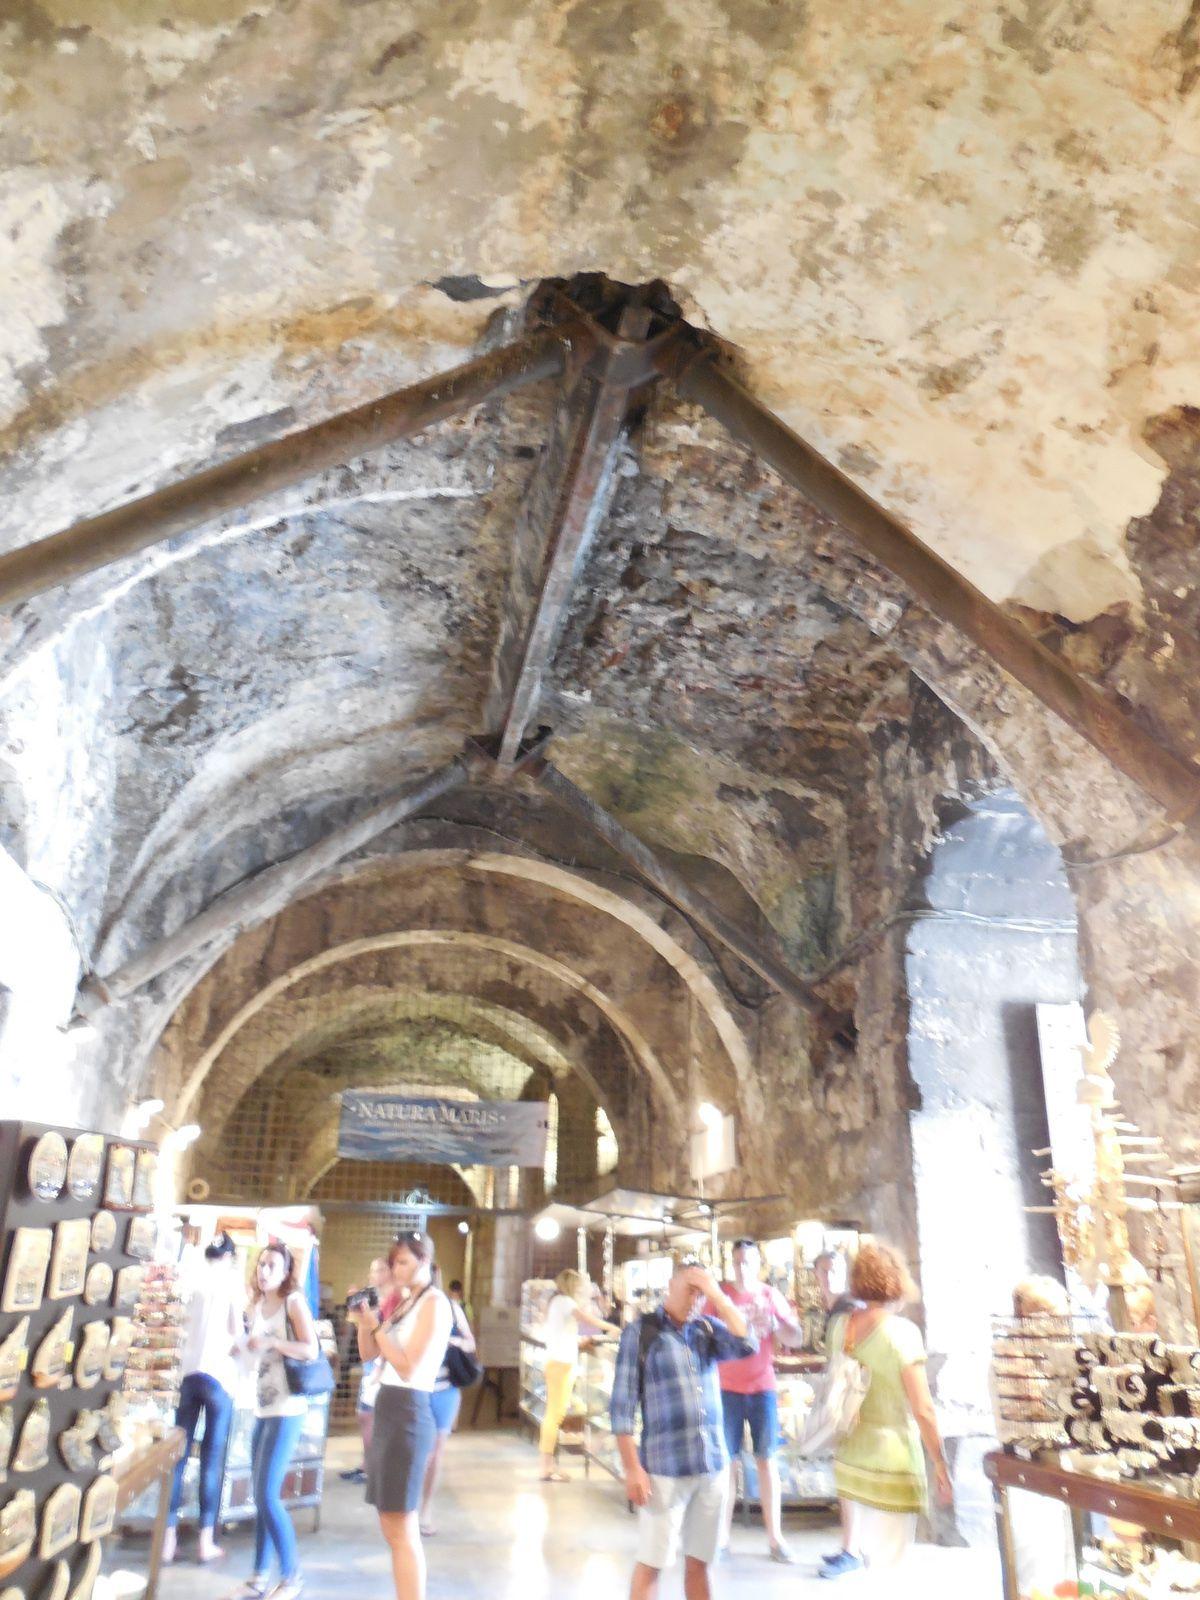 Entrée par une des 4 portes du palais. (Or, Bronze, Argent et Fer). Ici, la porte de Bronze qui donne sur les souterrains.